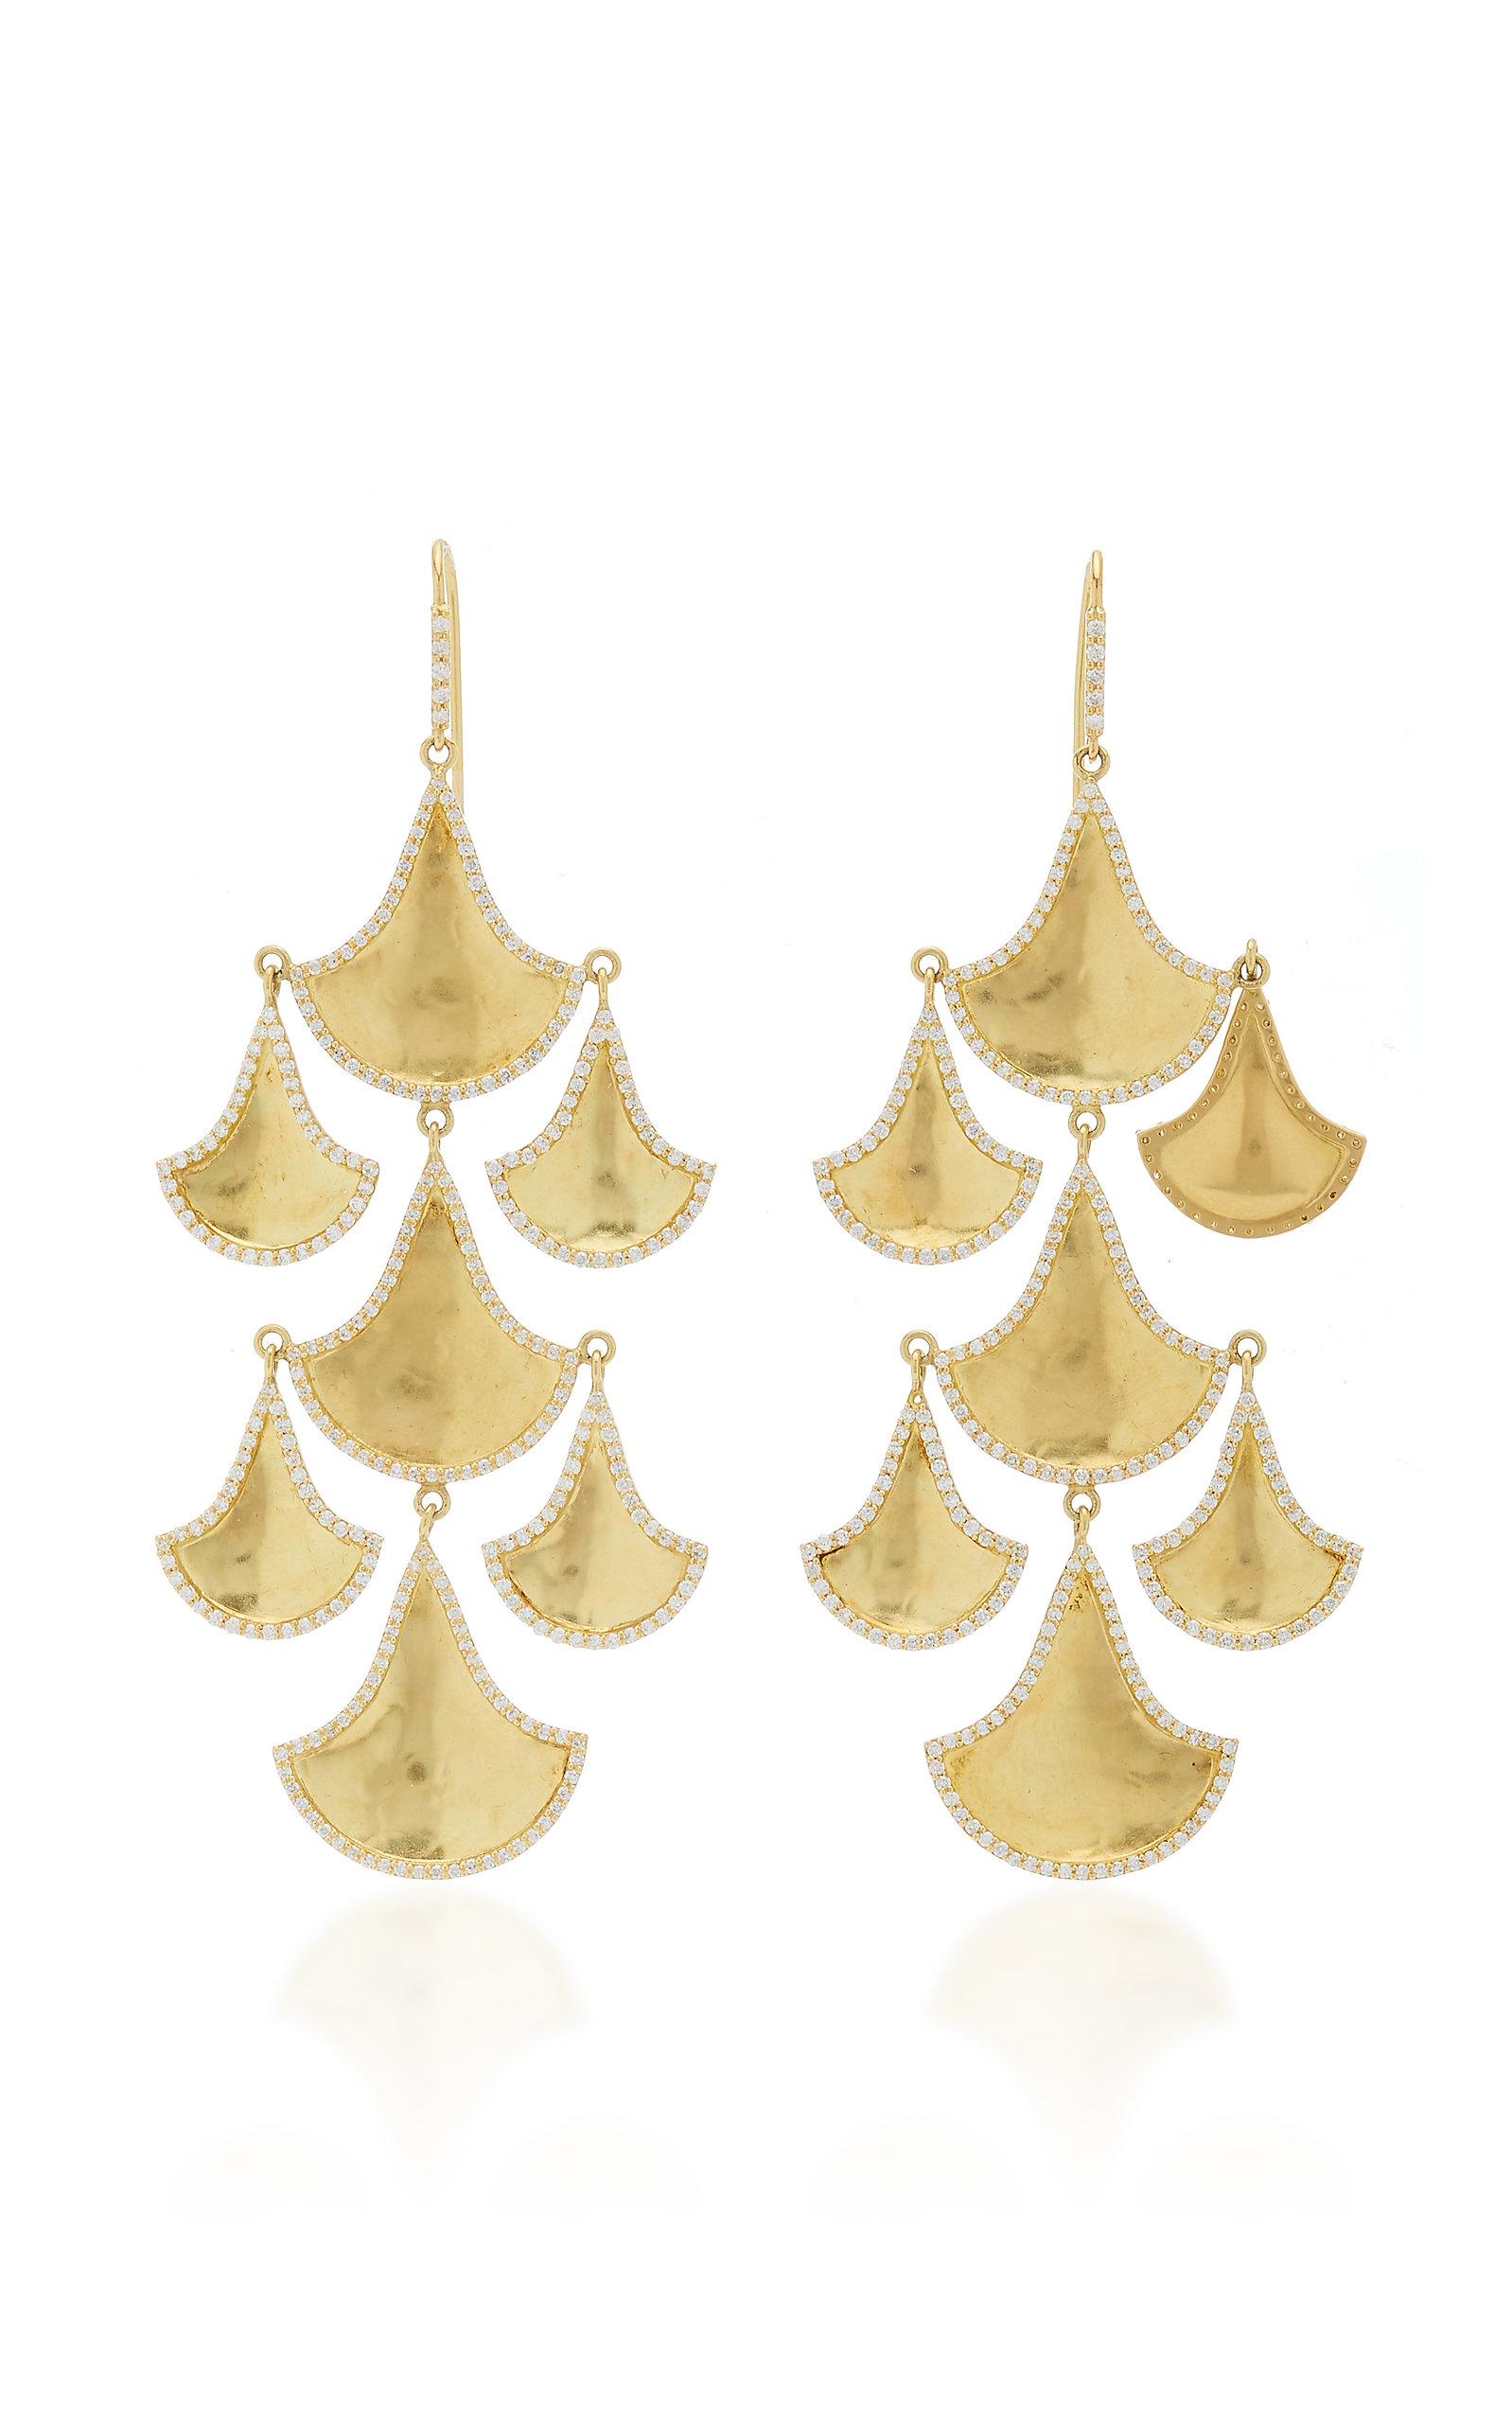 Women's Kimaya Fan Graduated 18K Yellow-Gold And Diamond Chandelier Earrings